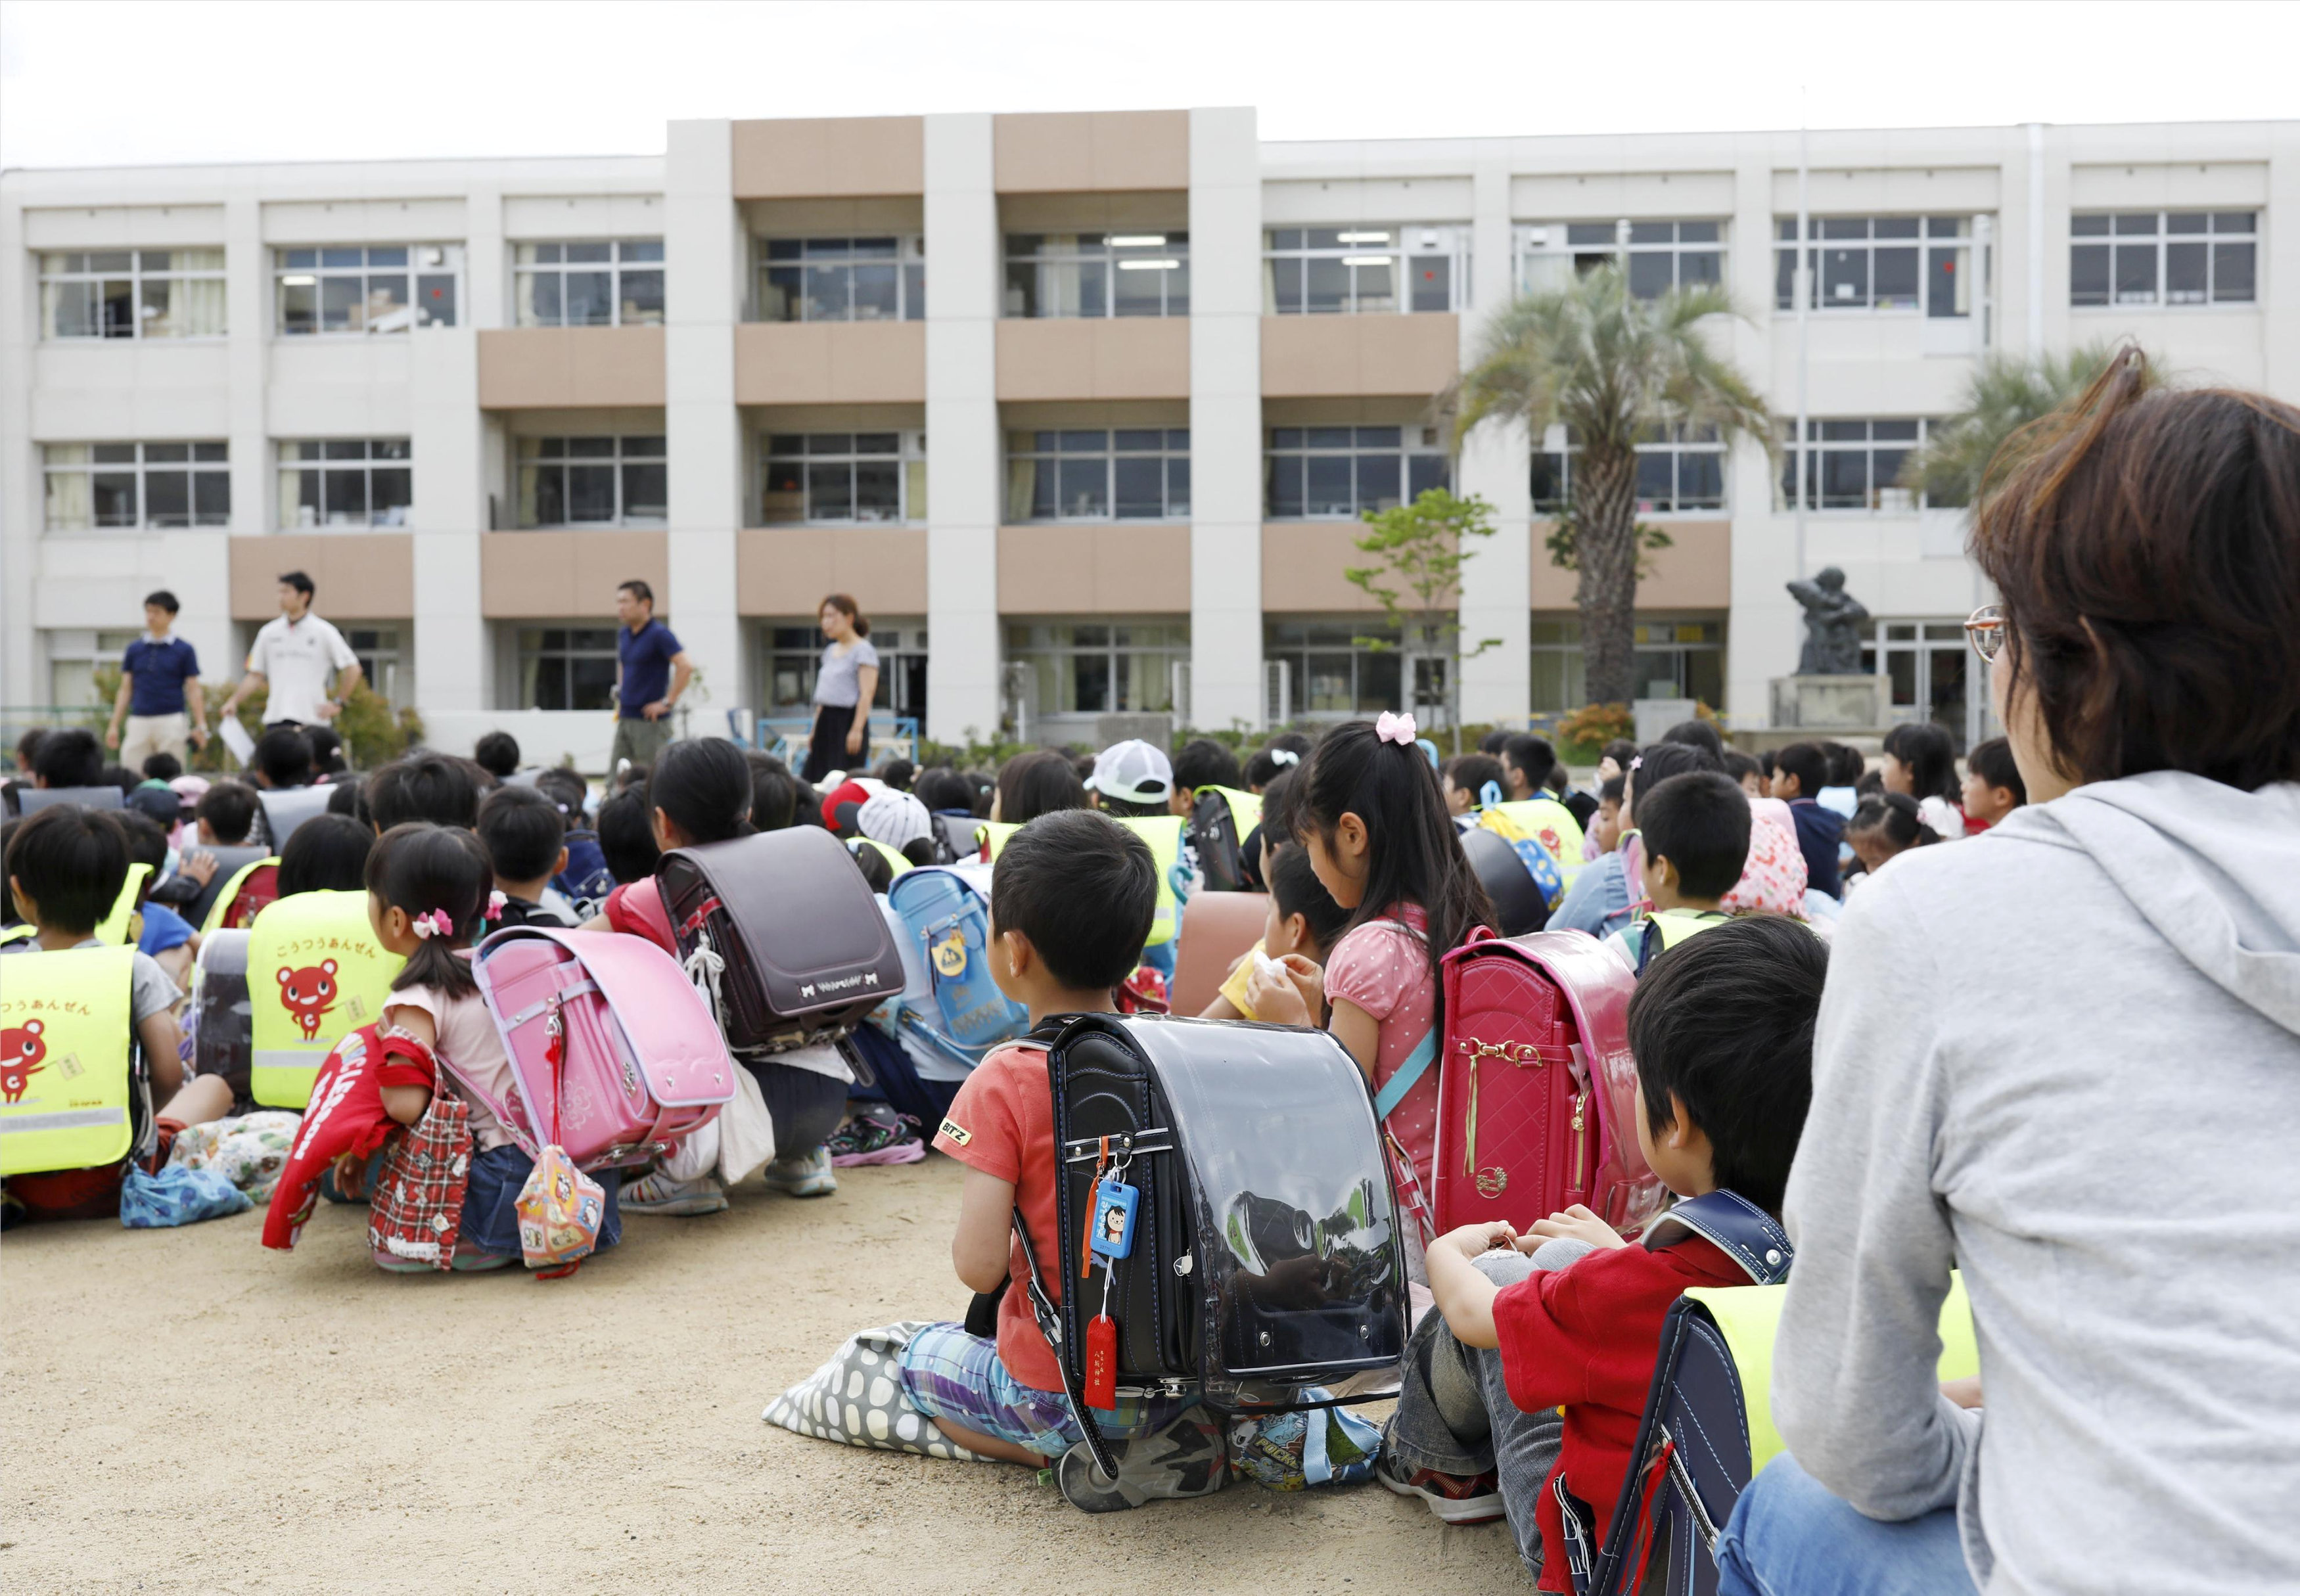 أطفال يابانيين فى ملعب مدرستهم بعد إخلاء الفصول